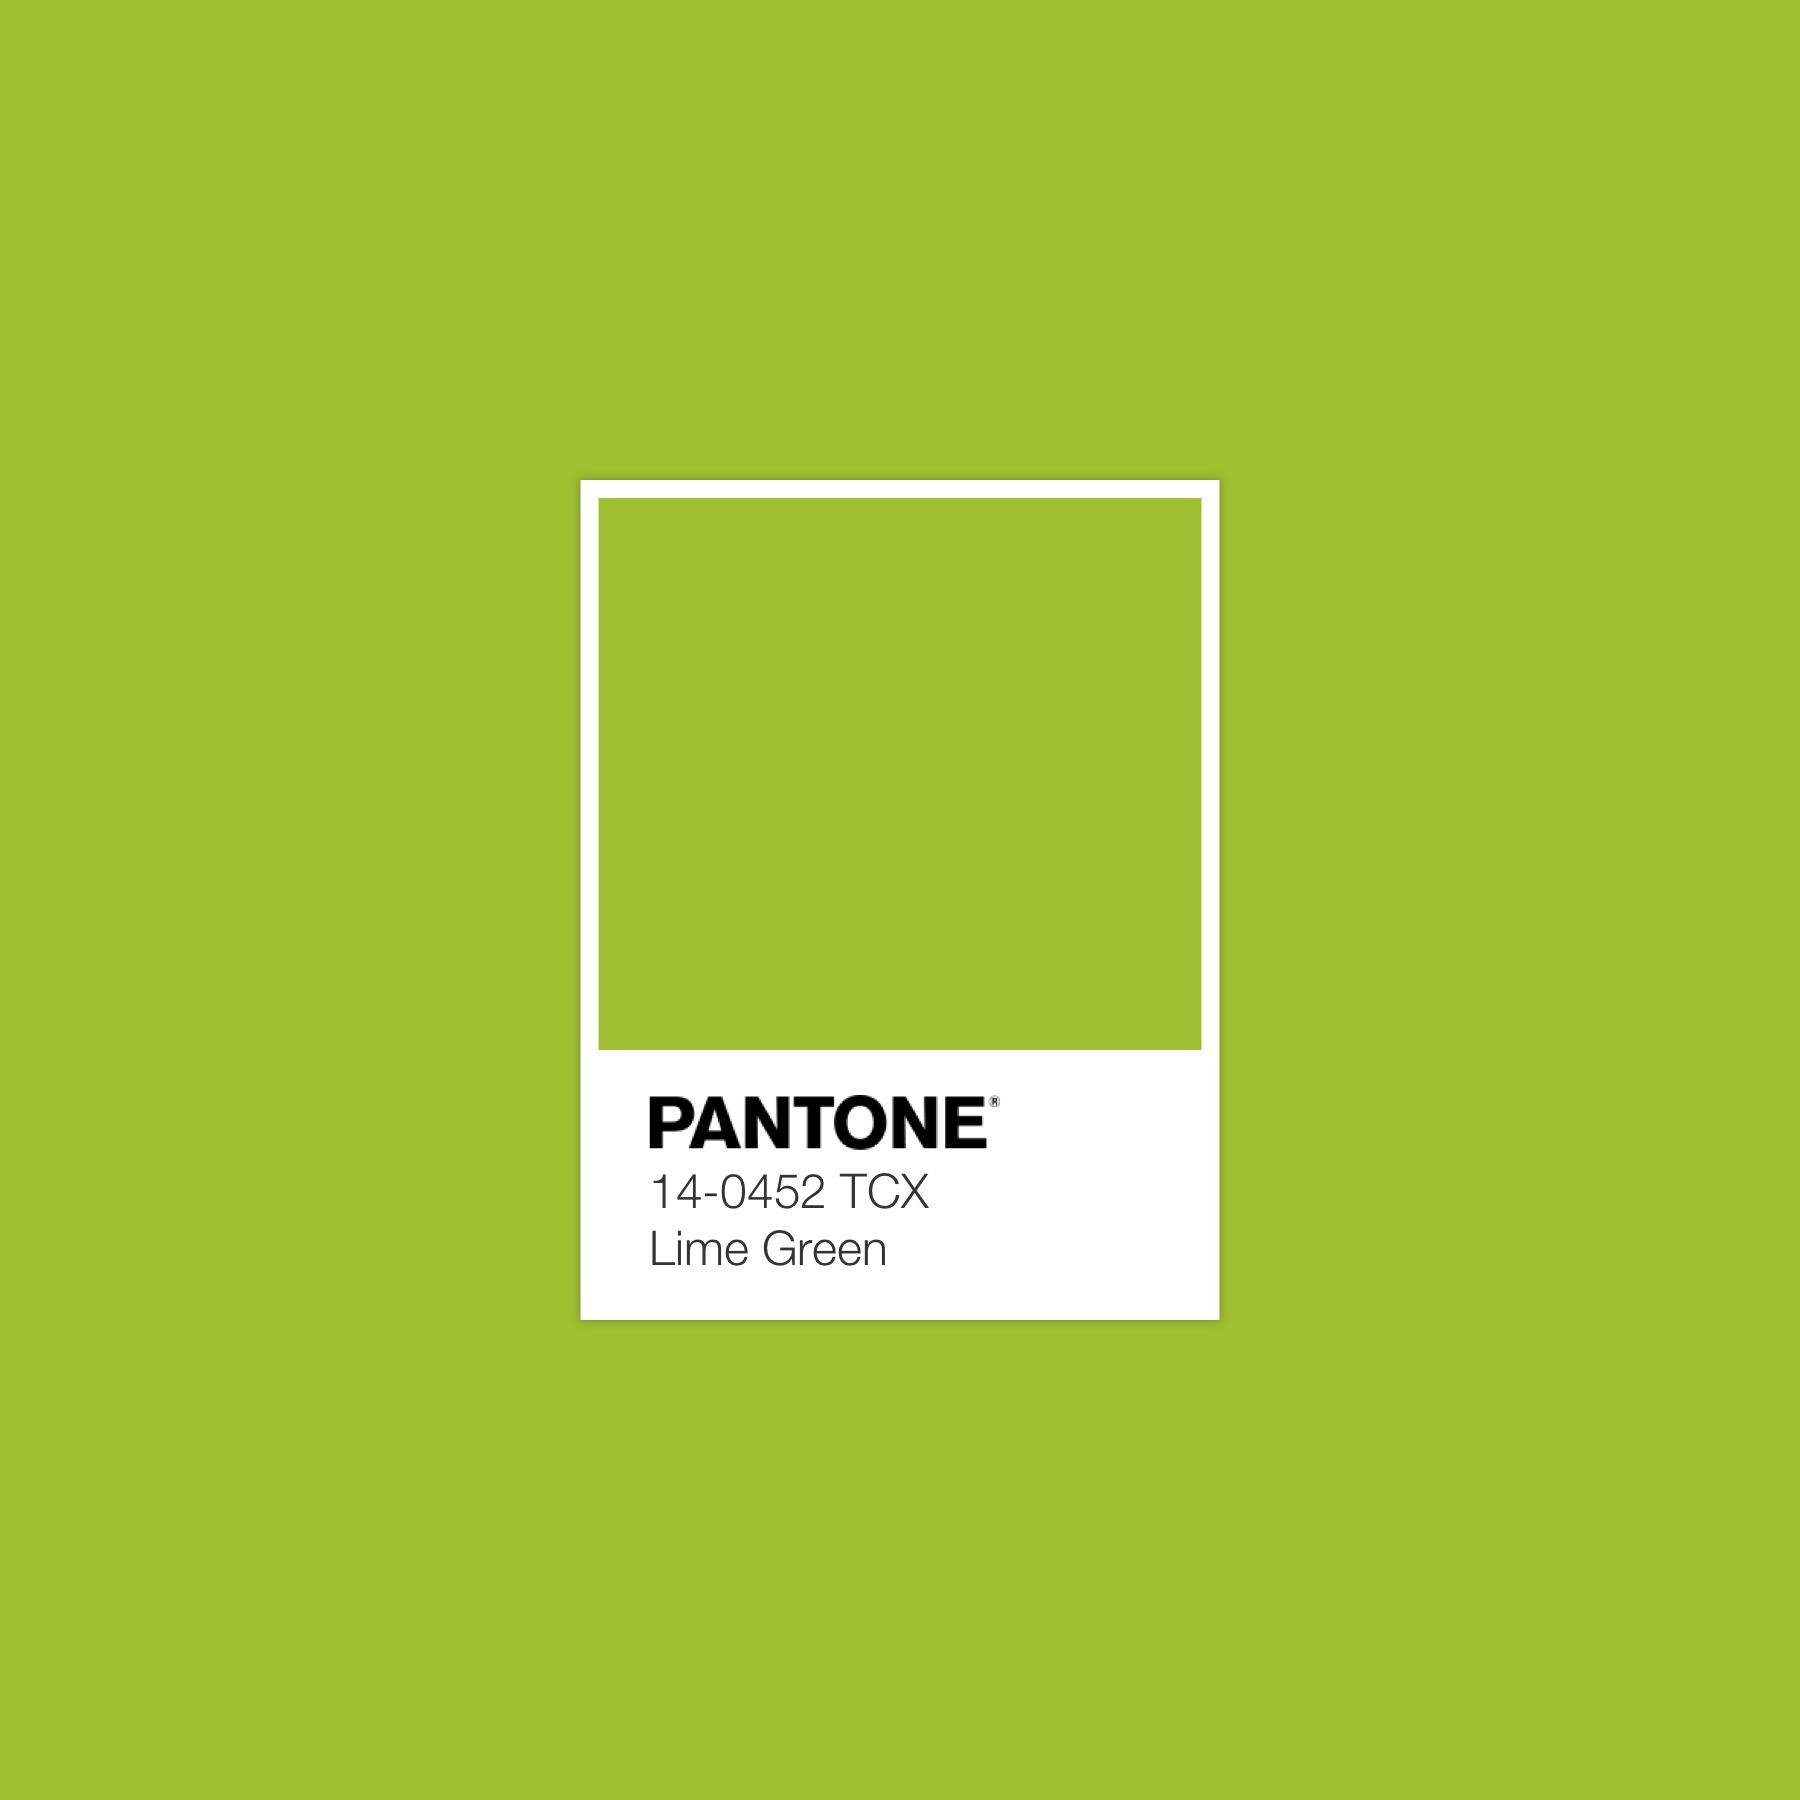 Pantone Lime Green Luxurydotcom